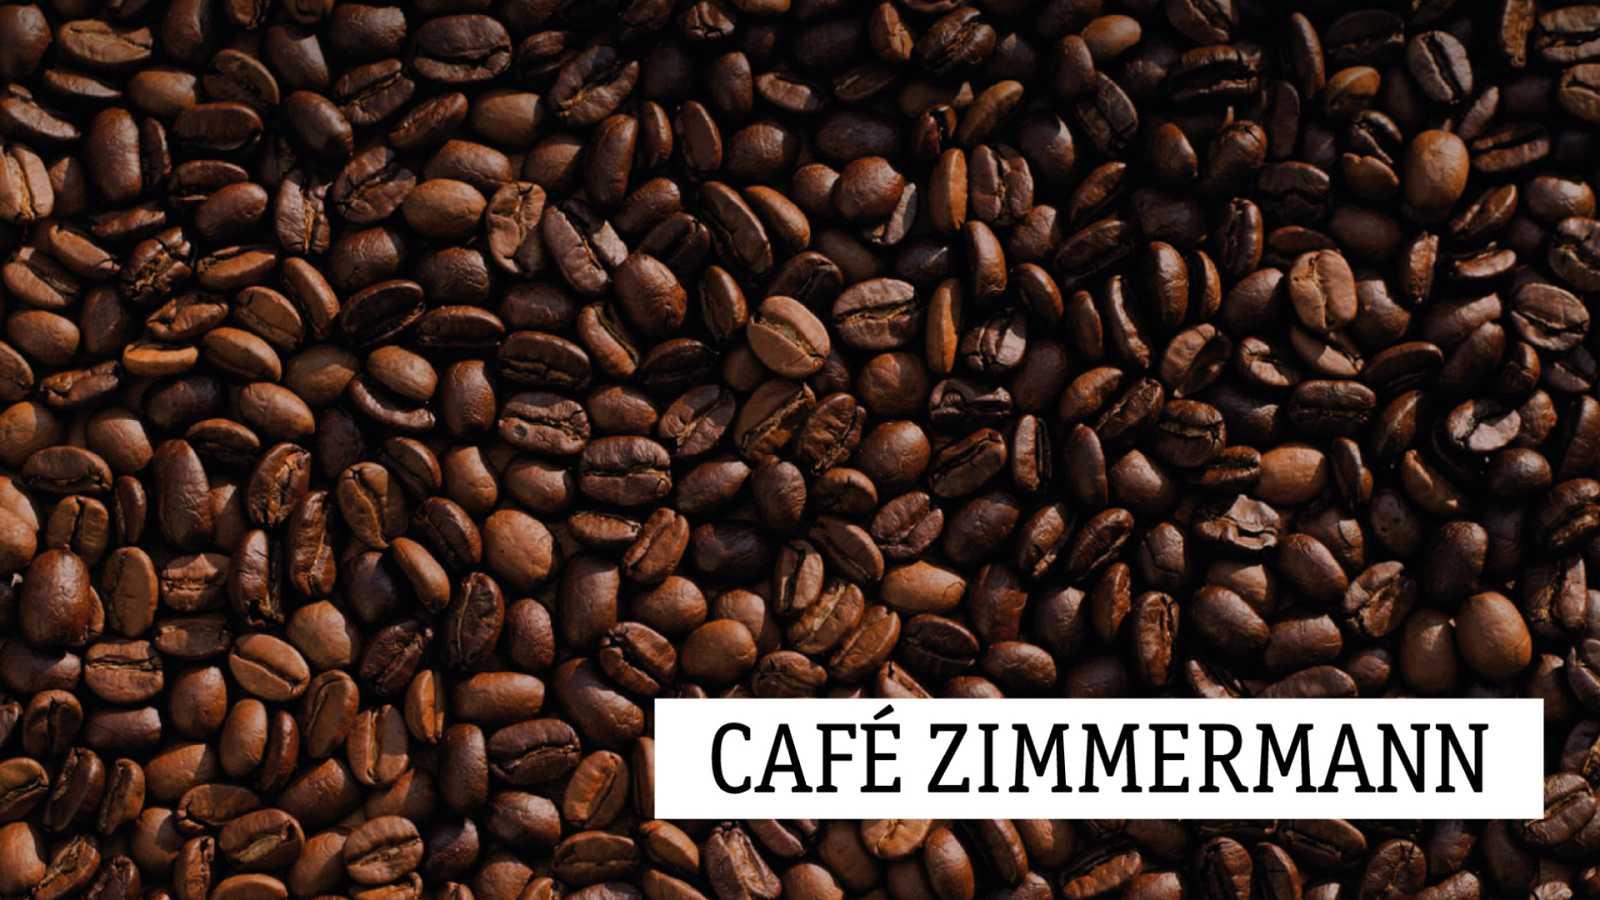 Café Zimmermann - El Botticelli más caro de la historia - 23/02/21 - escuchar ahora